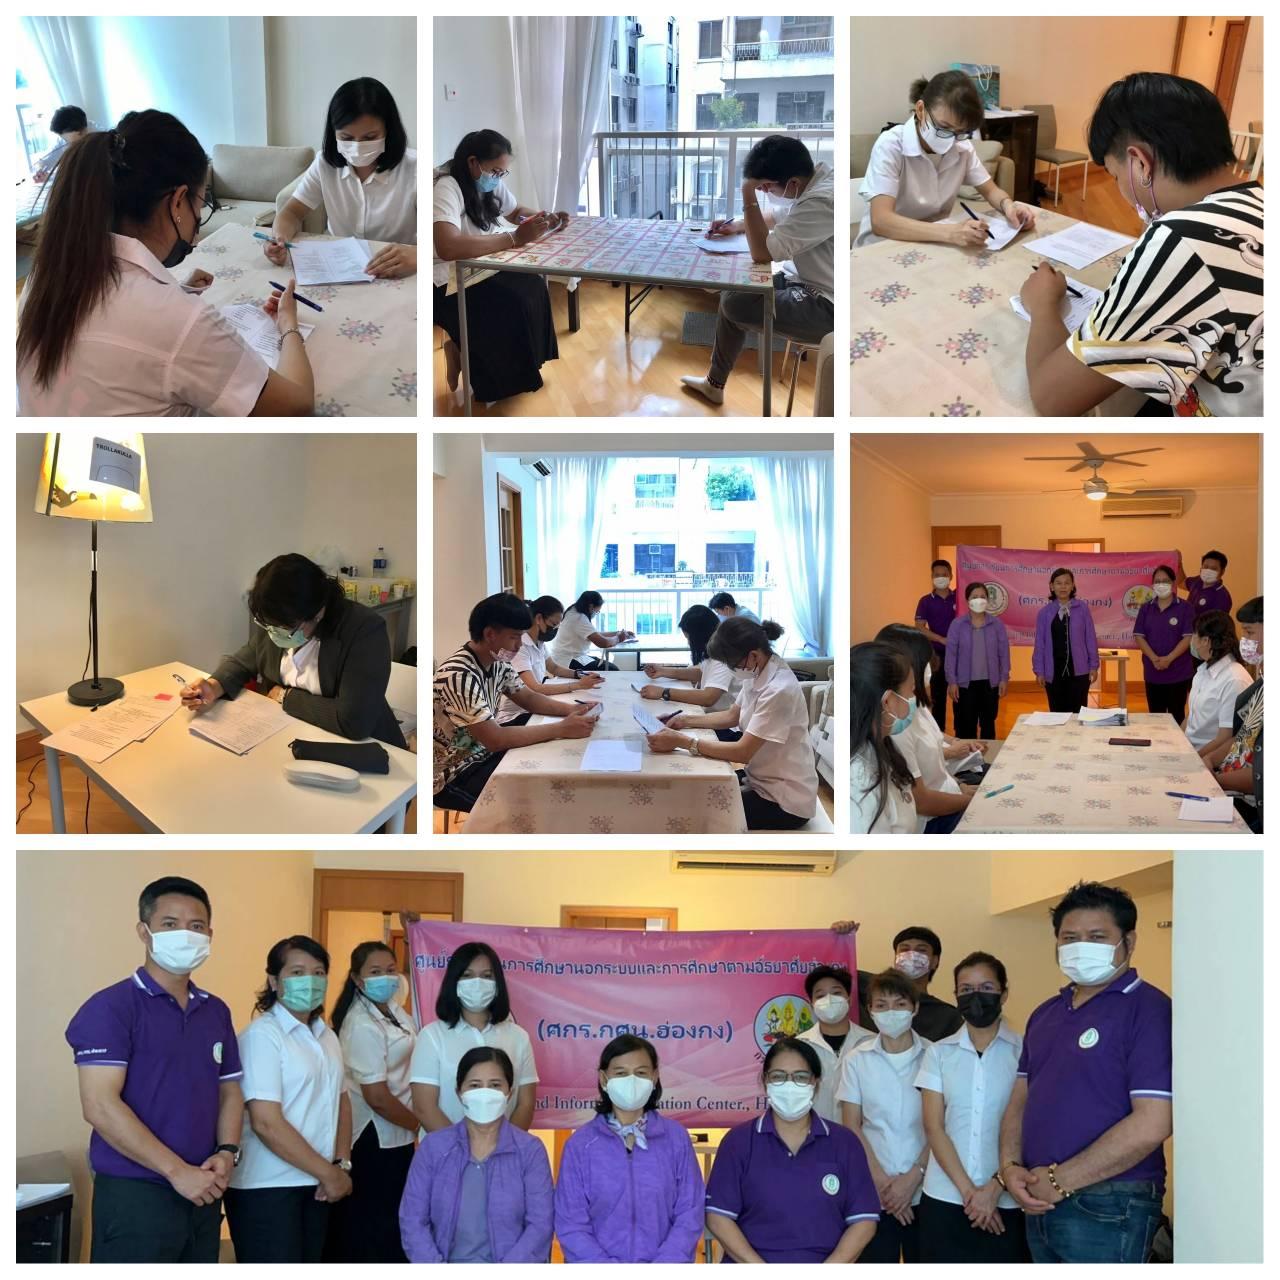 สำนักงานแรงงาน ณ เมืองฮ่องกง จัดสอบไล่ให้แก่นักศึกษา กศน.  ภาคเรียนที่ ๑ ปีการศึกษา ๒๕๖๔